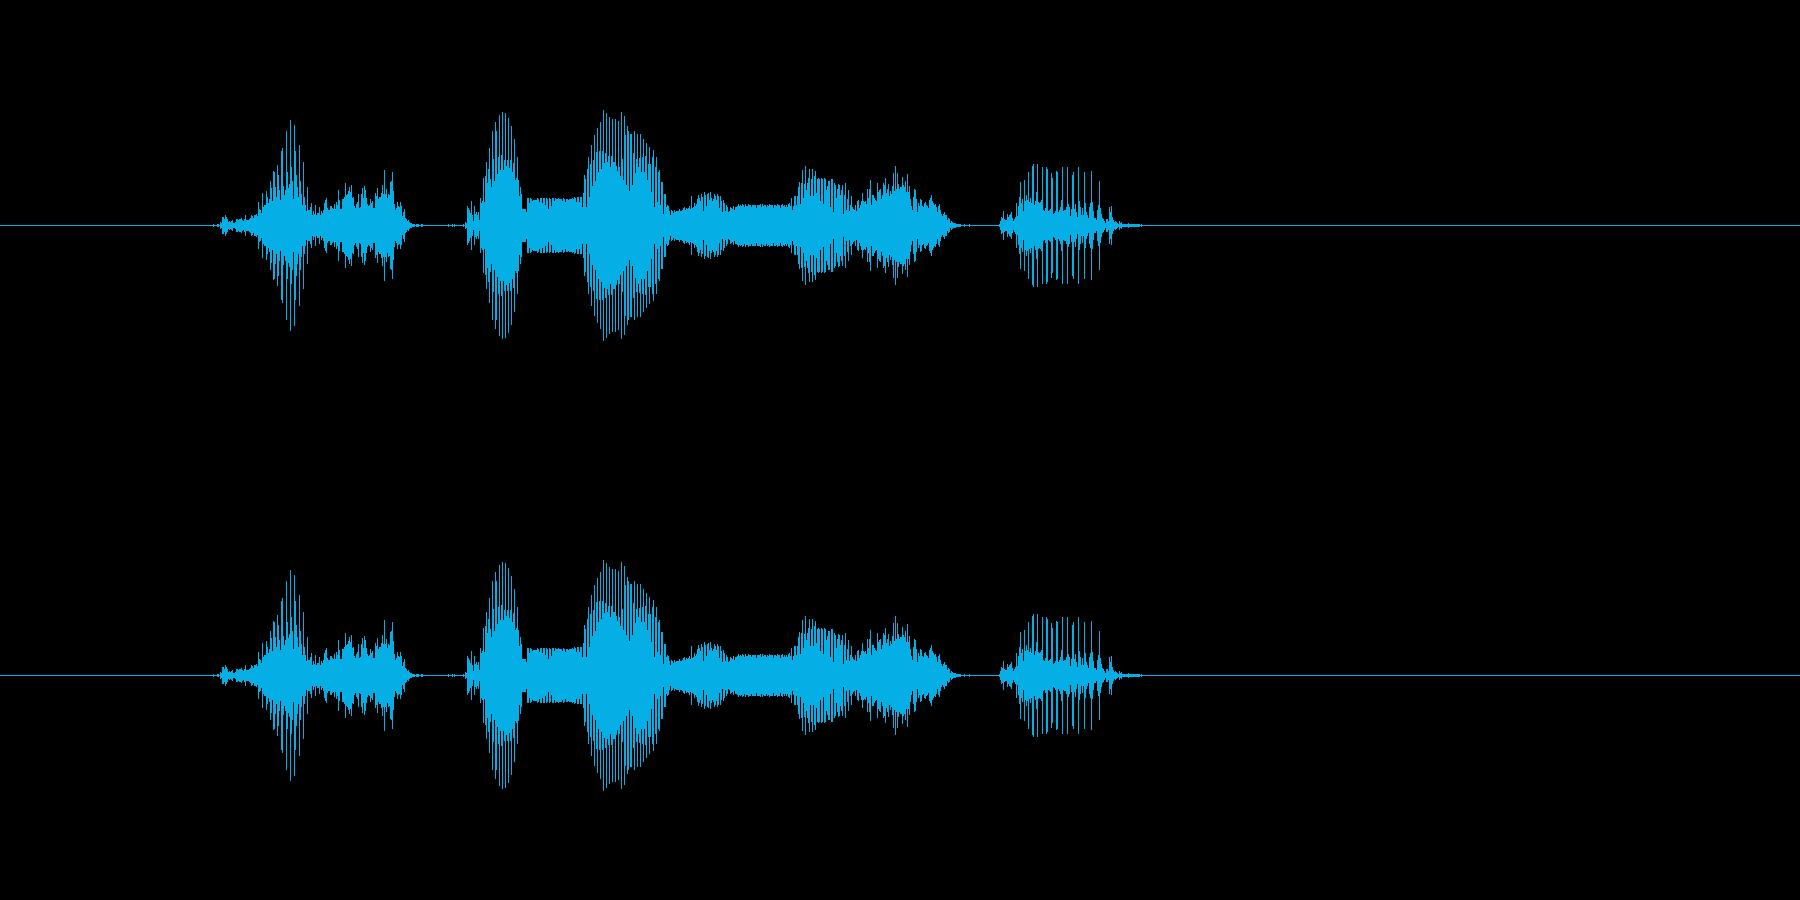 【システム・了承】「かしこまりました」の再生済みの波形